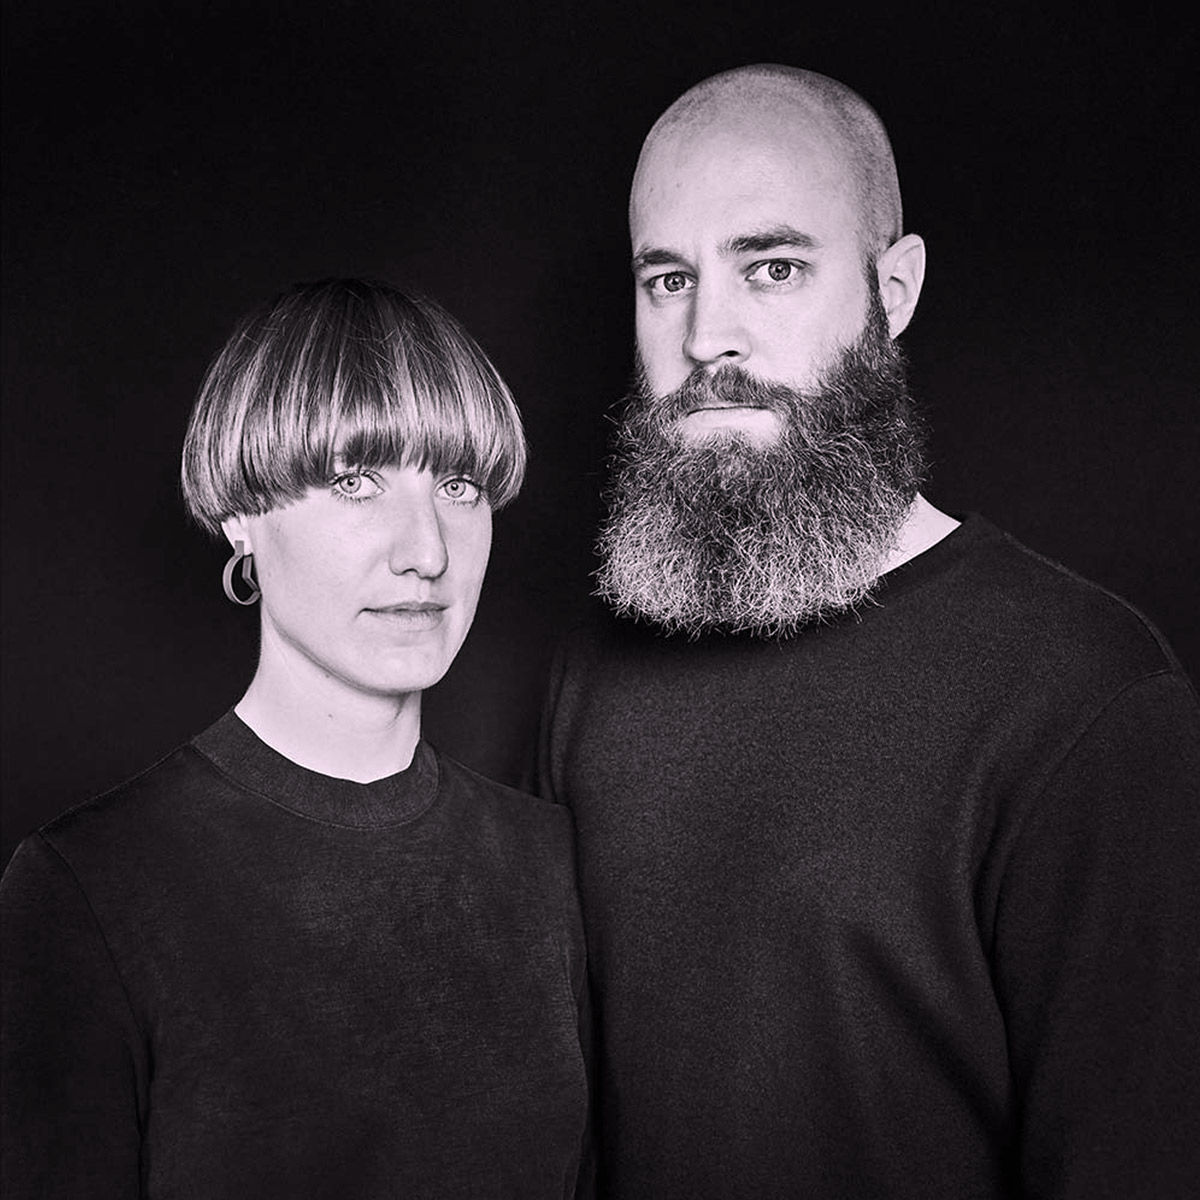 Visser & Meijwaard